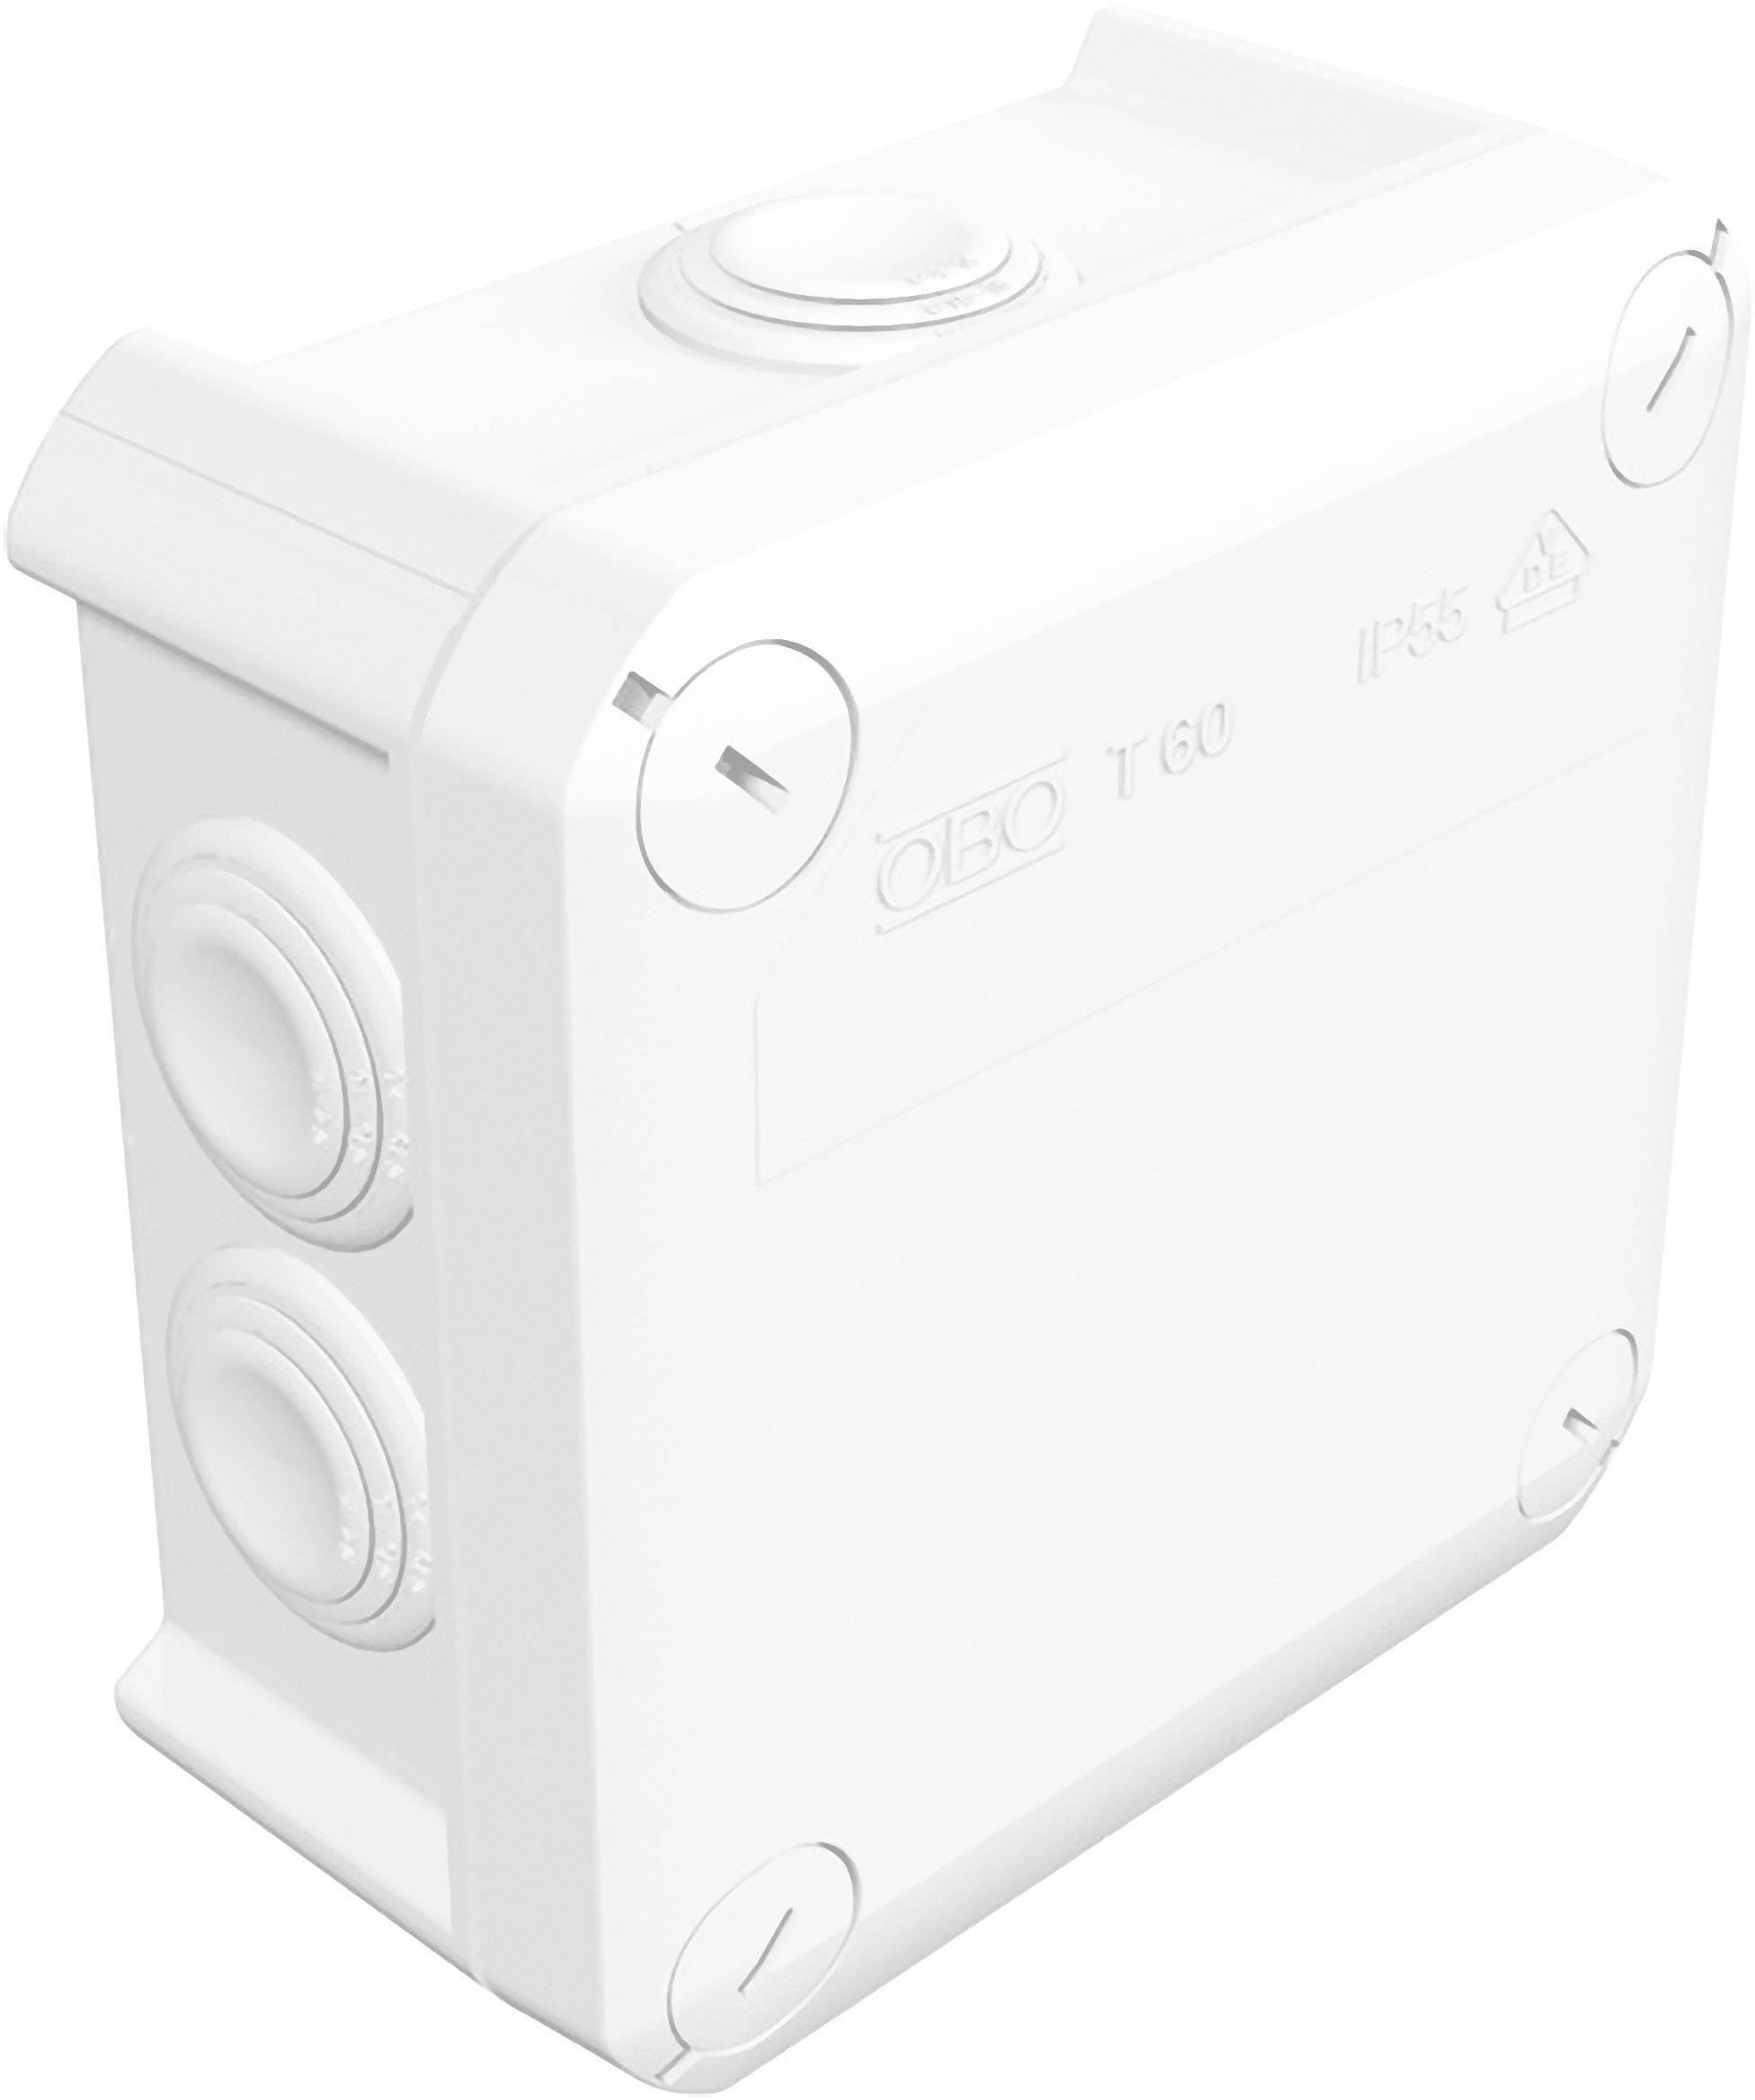 Rozbočovacia krabica OBO Betternann T60, IP55, 114 x 114 x 57 mm, jasne biela, 2007525